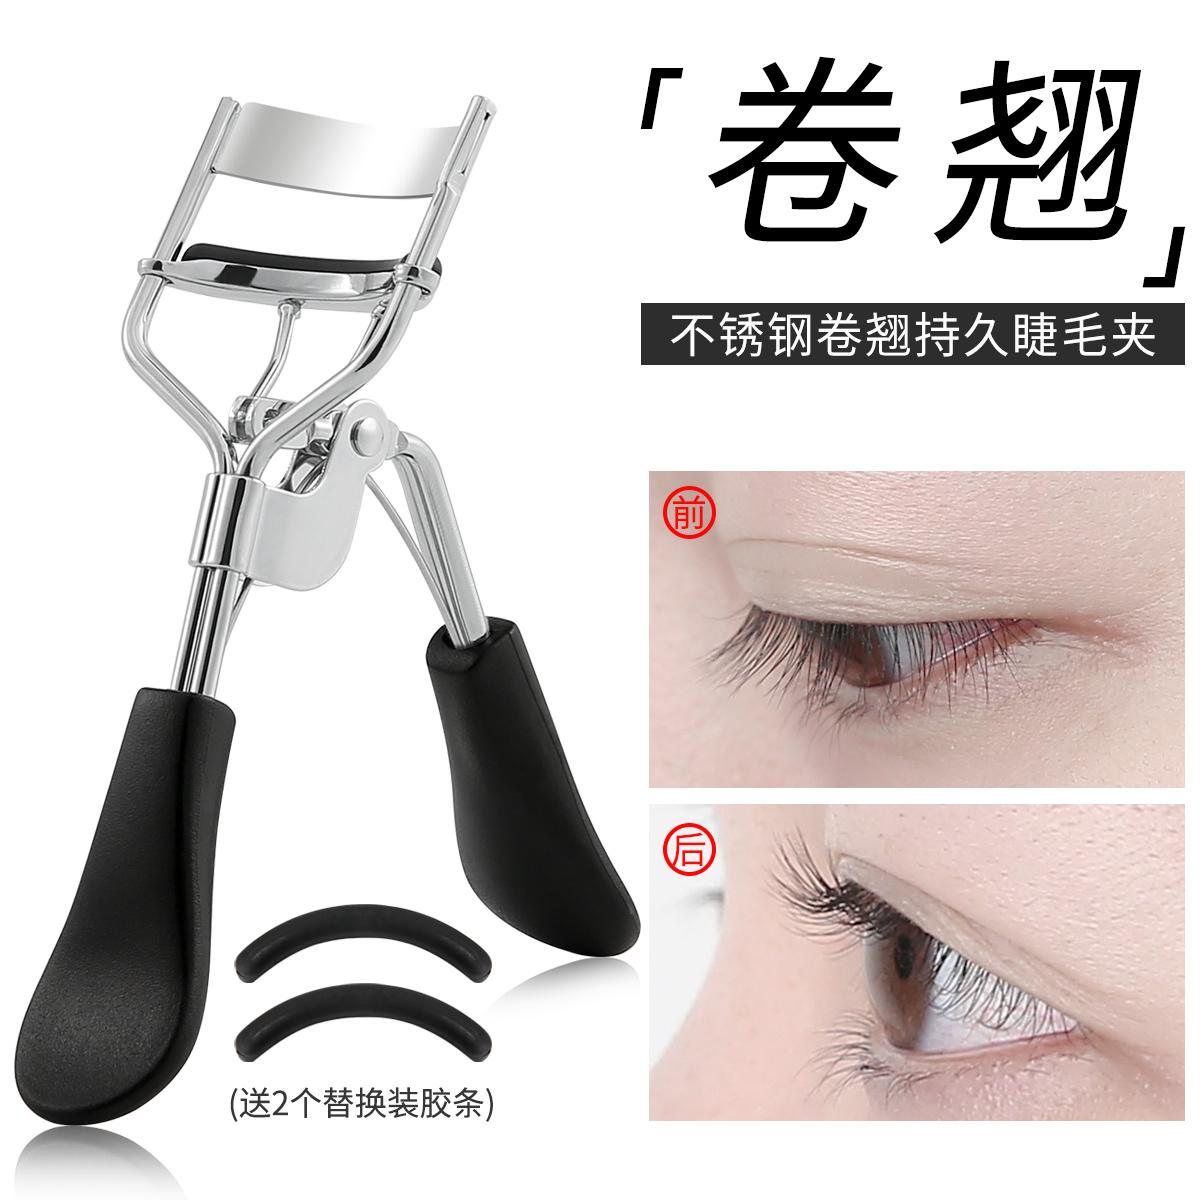 不夹眼皮化妆美容工具便携式睫毛夹送胶垫 卷翘持久 睫毛夹